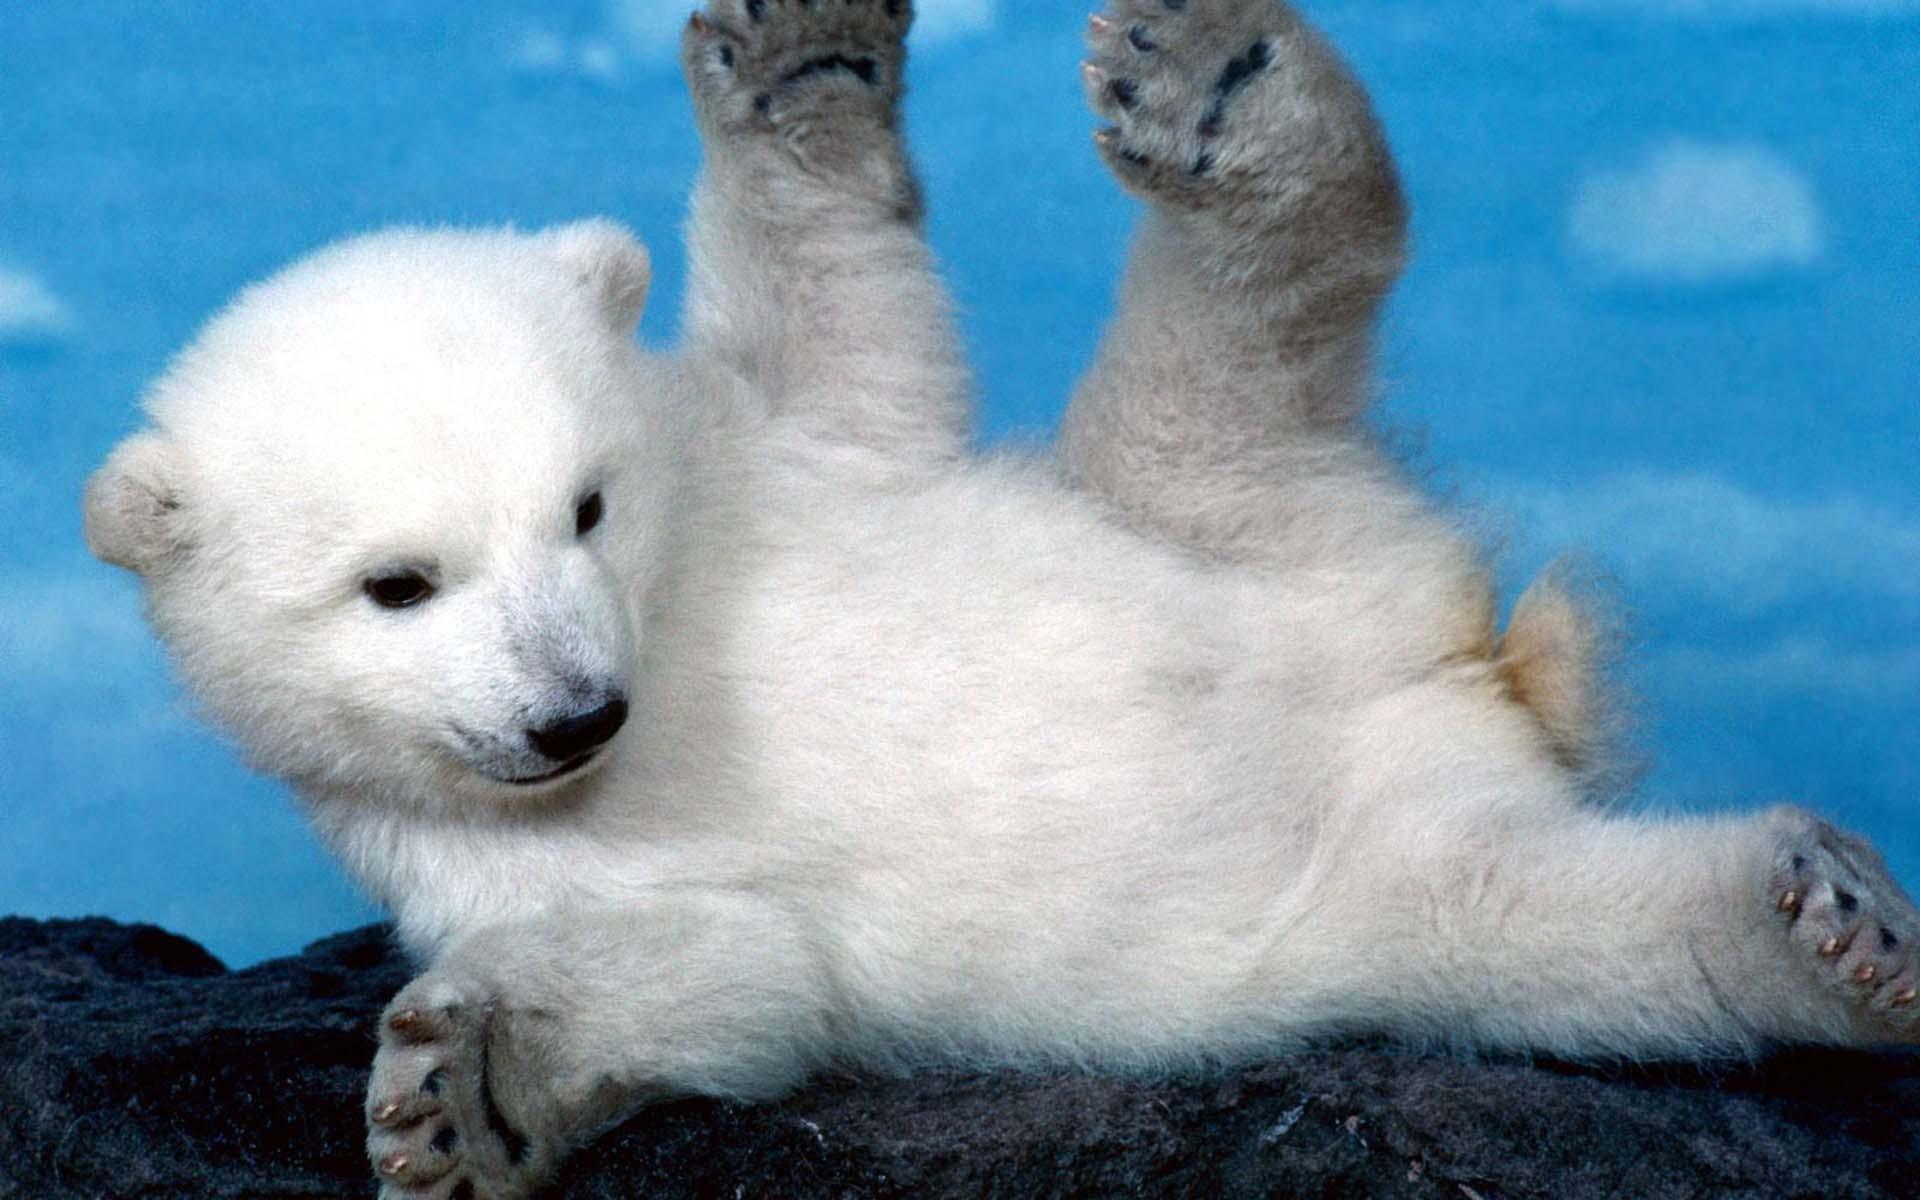 Ảnh nền chú gấu đáng yêu, dễ thương nhất